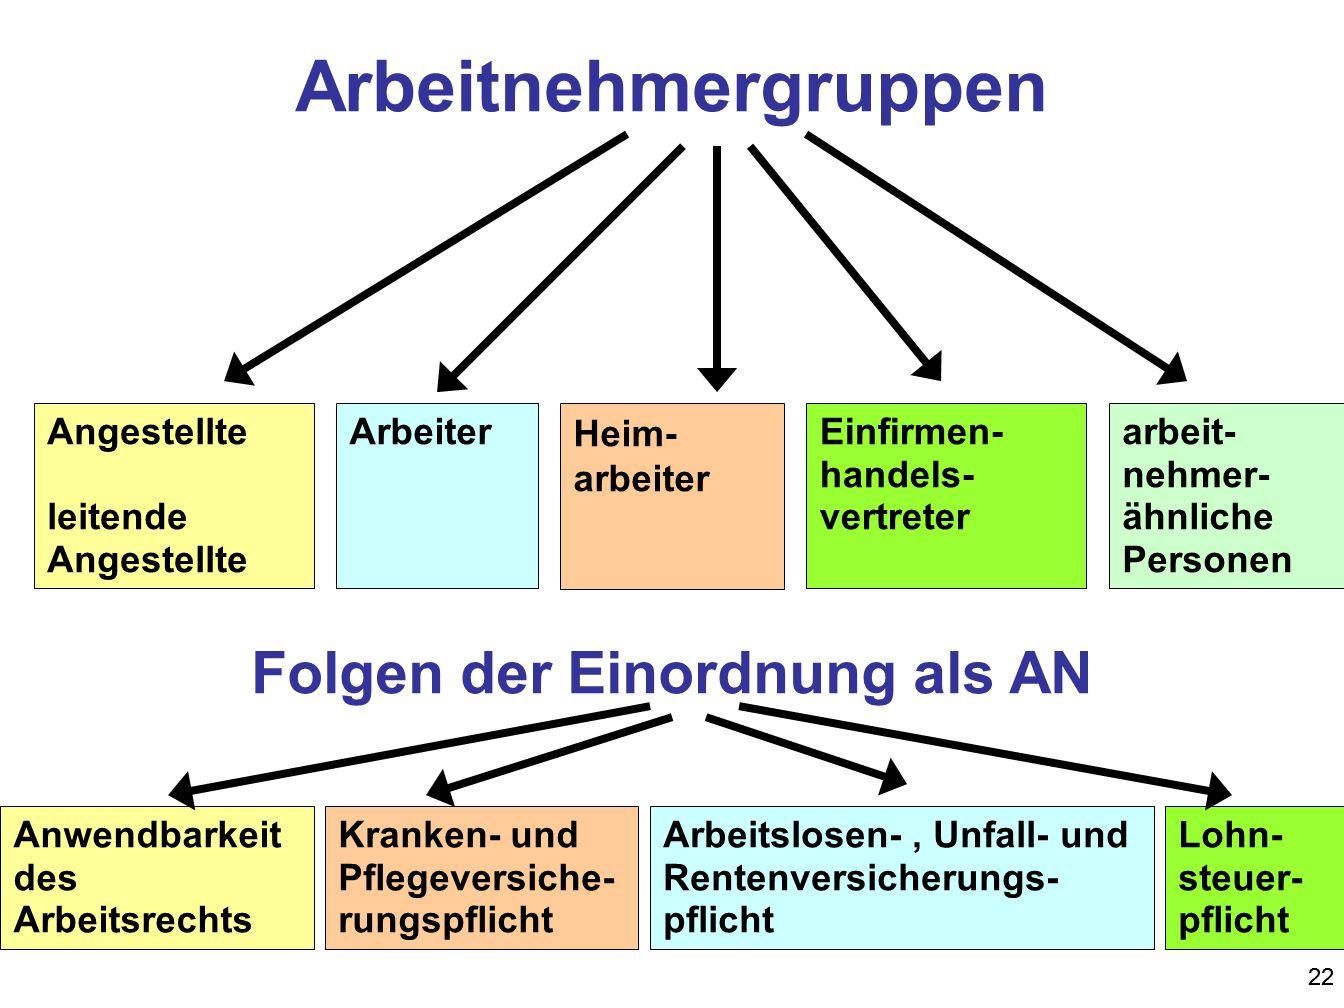 Folgen der Einordnung als AN